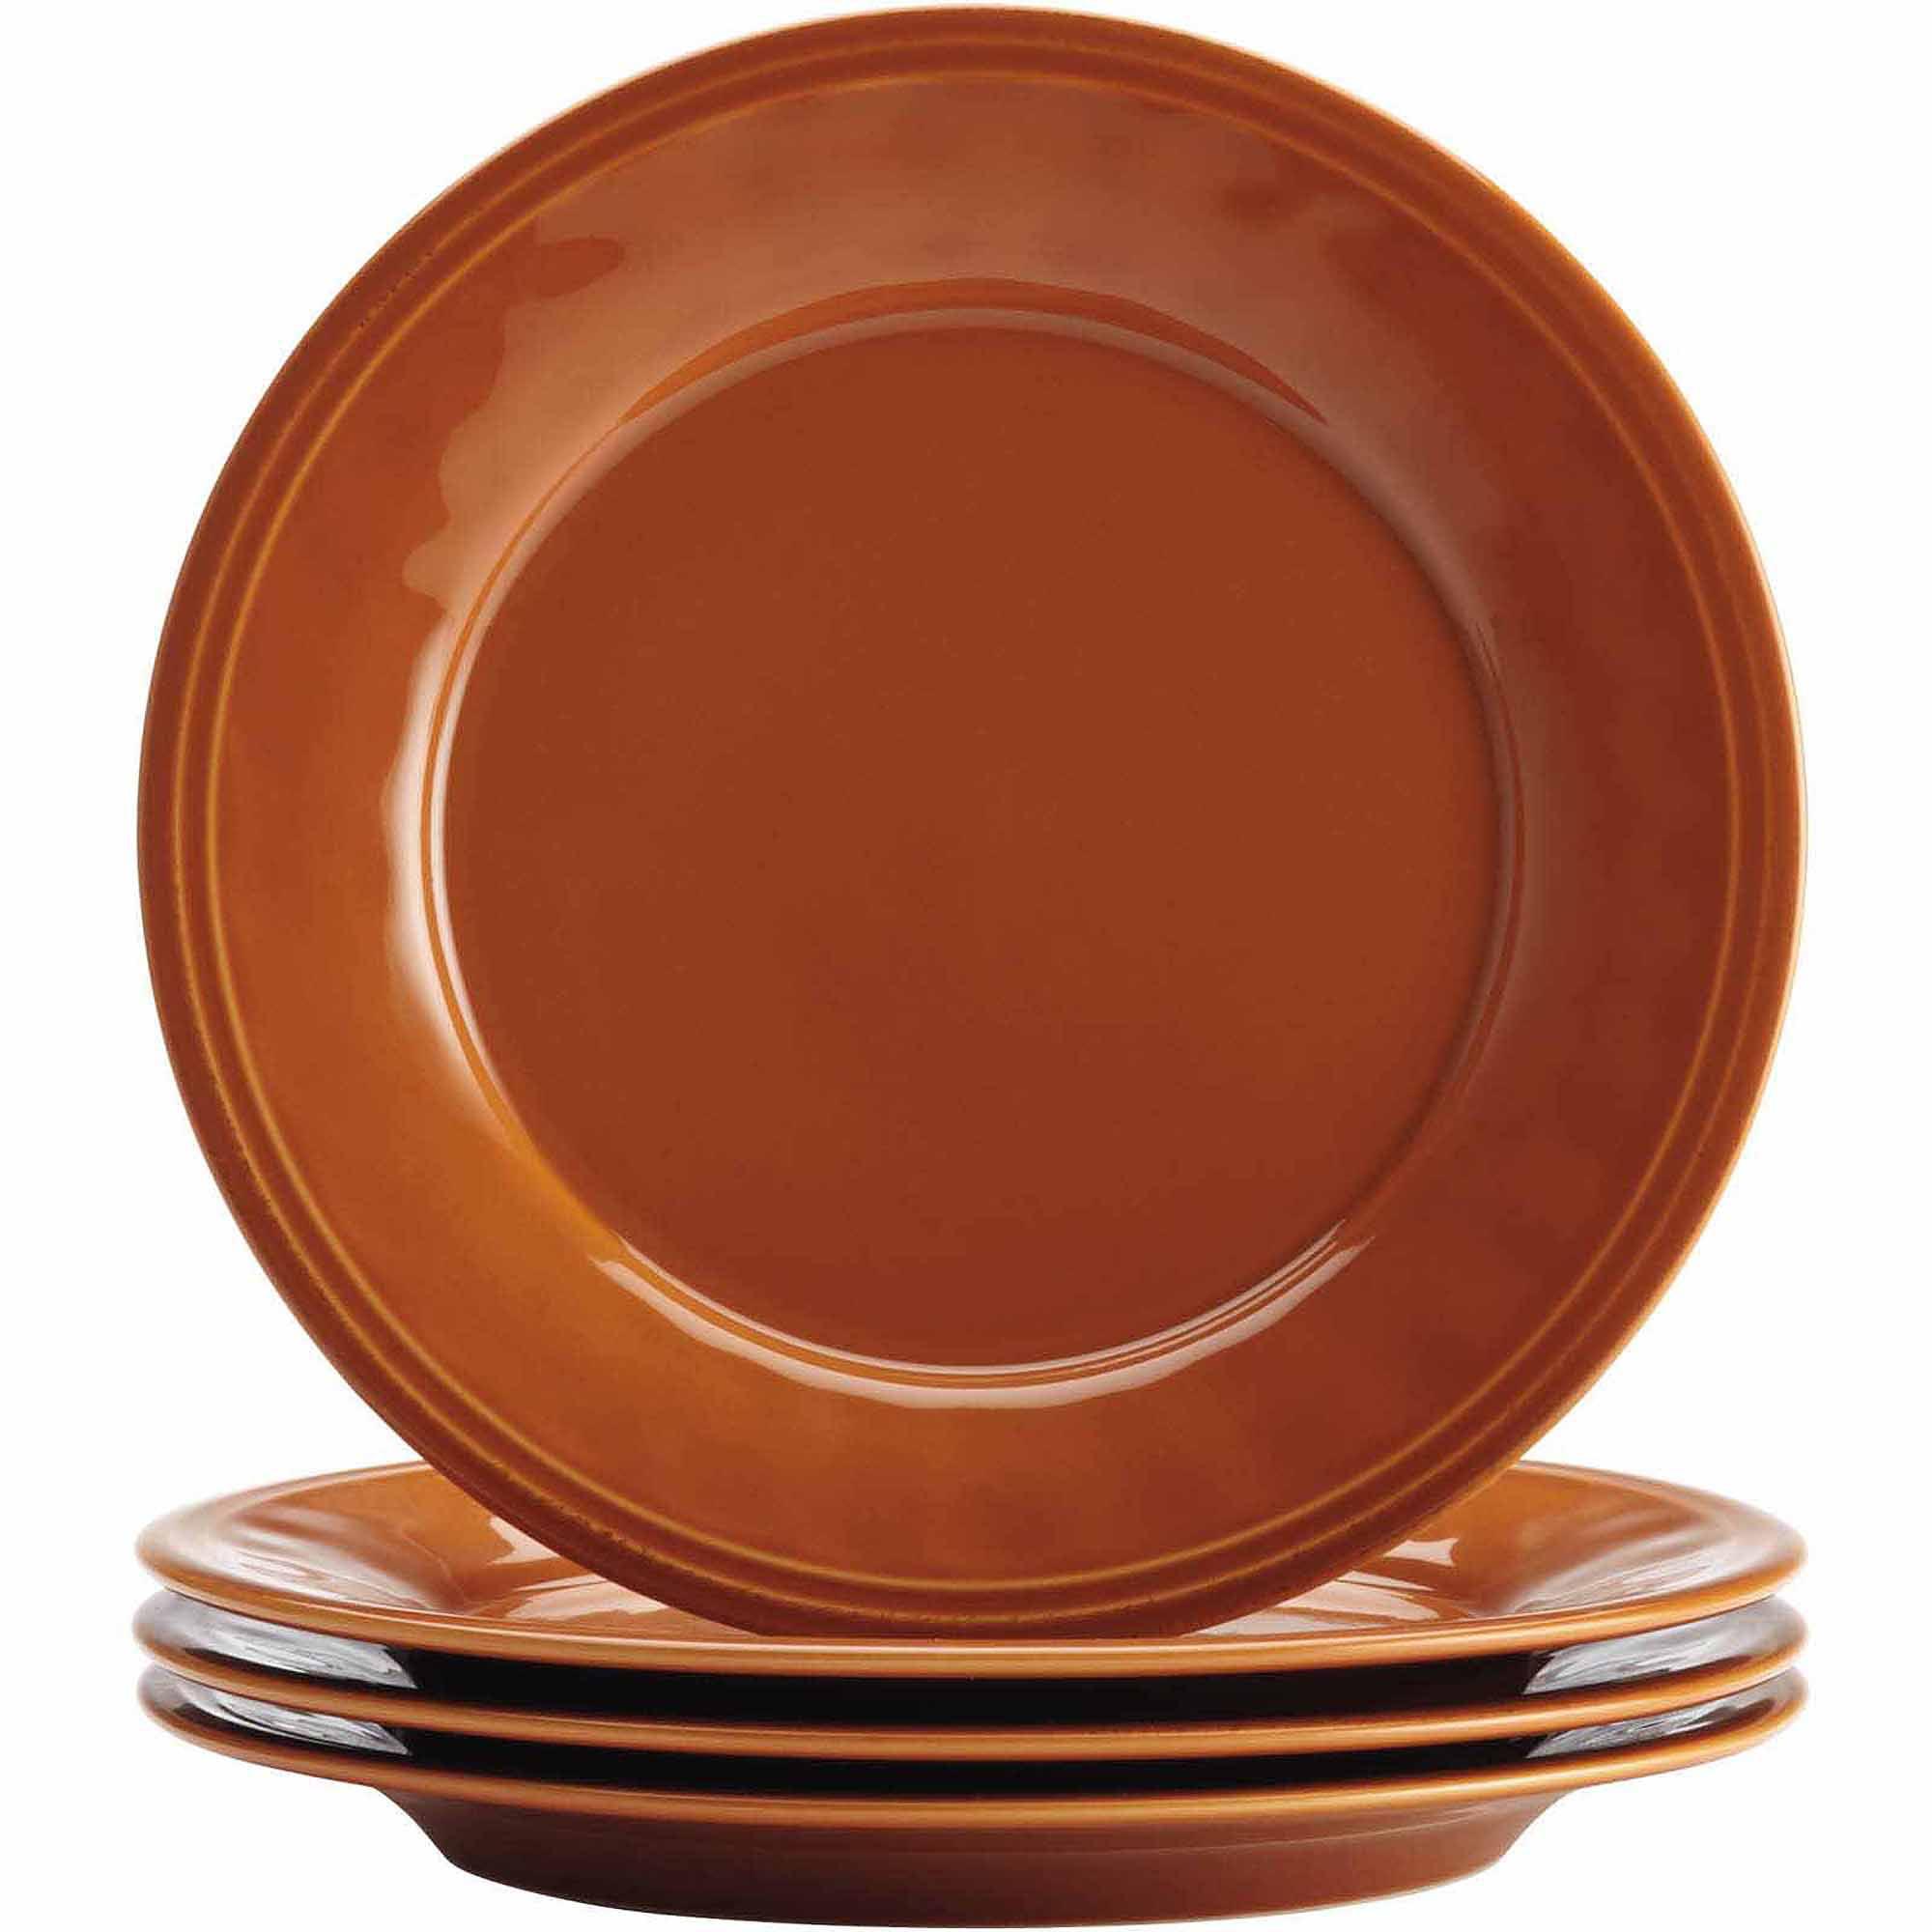 Rachael Ray Cucina Dinnerware 16-Piece Stoneware Dinnerware Set - Walmart.com  sc 1 st  Walmart & Rachael Ray Cucina Dinnerware 16-Piece Stoneware Dinnerware Set ...